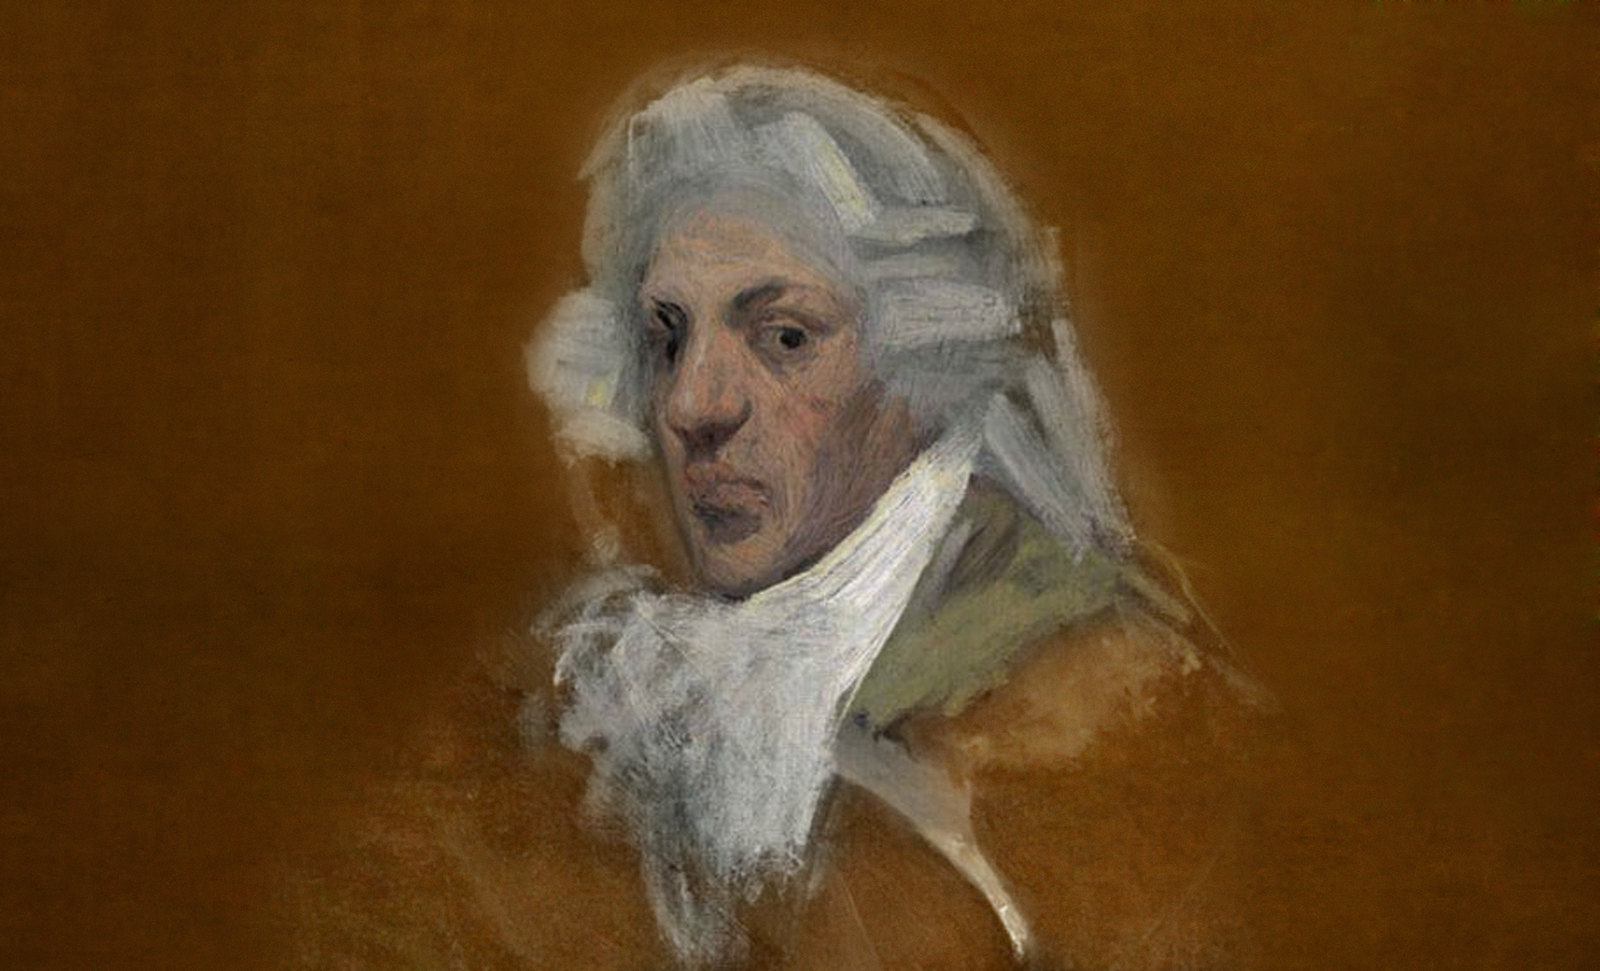 Majestades, prefiguración de Francisco de Goya y Lucientes (1800), caracterización de Pablo Picasso (1896).